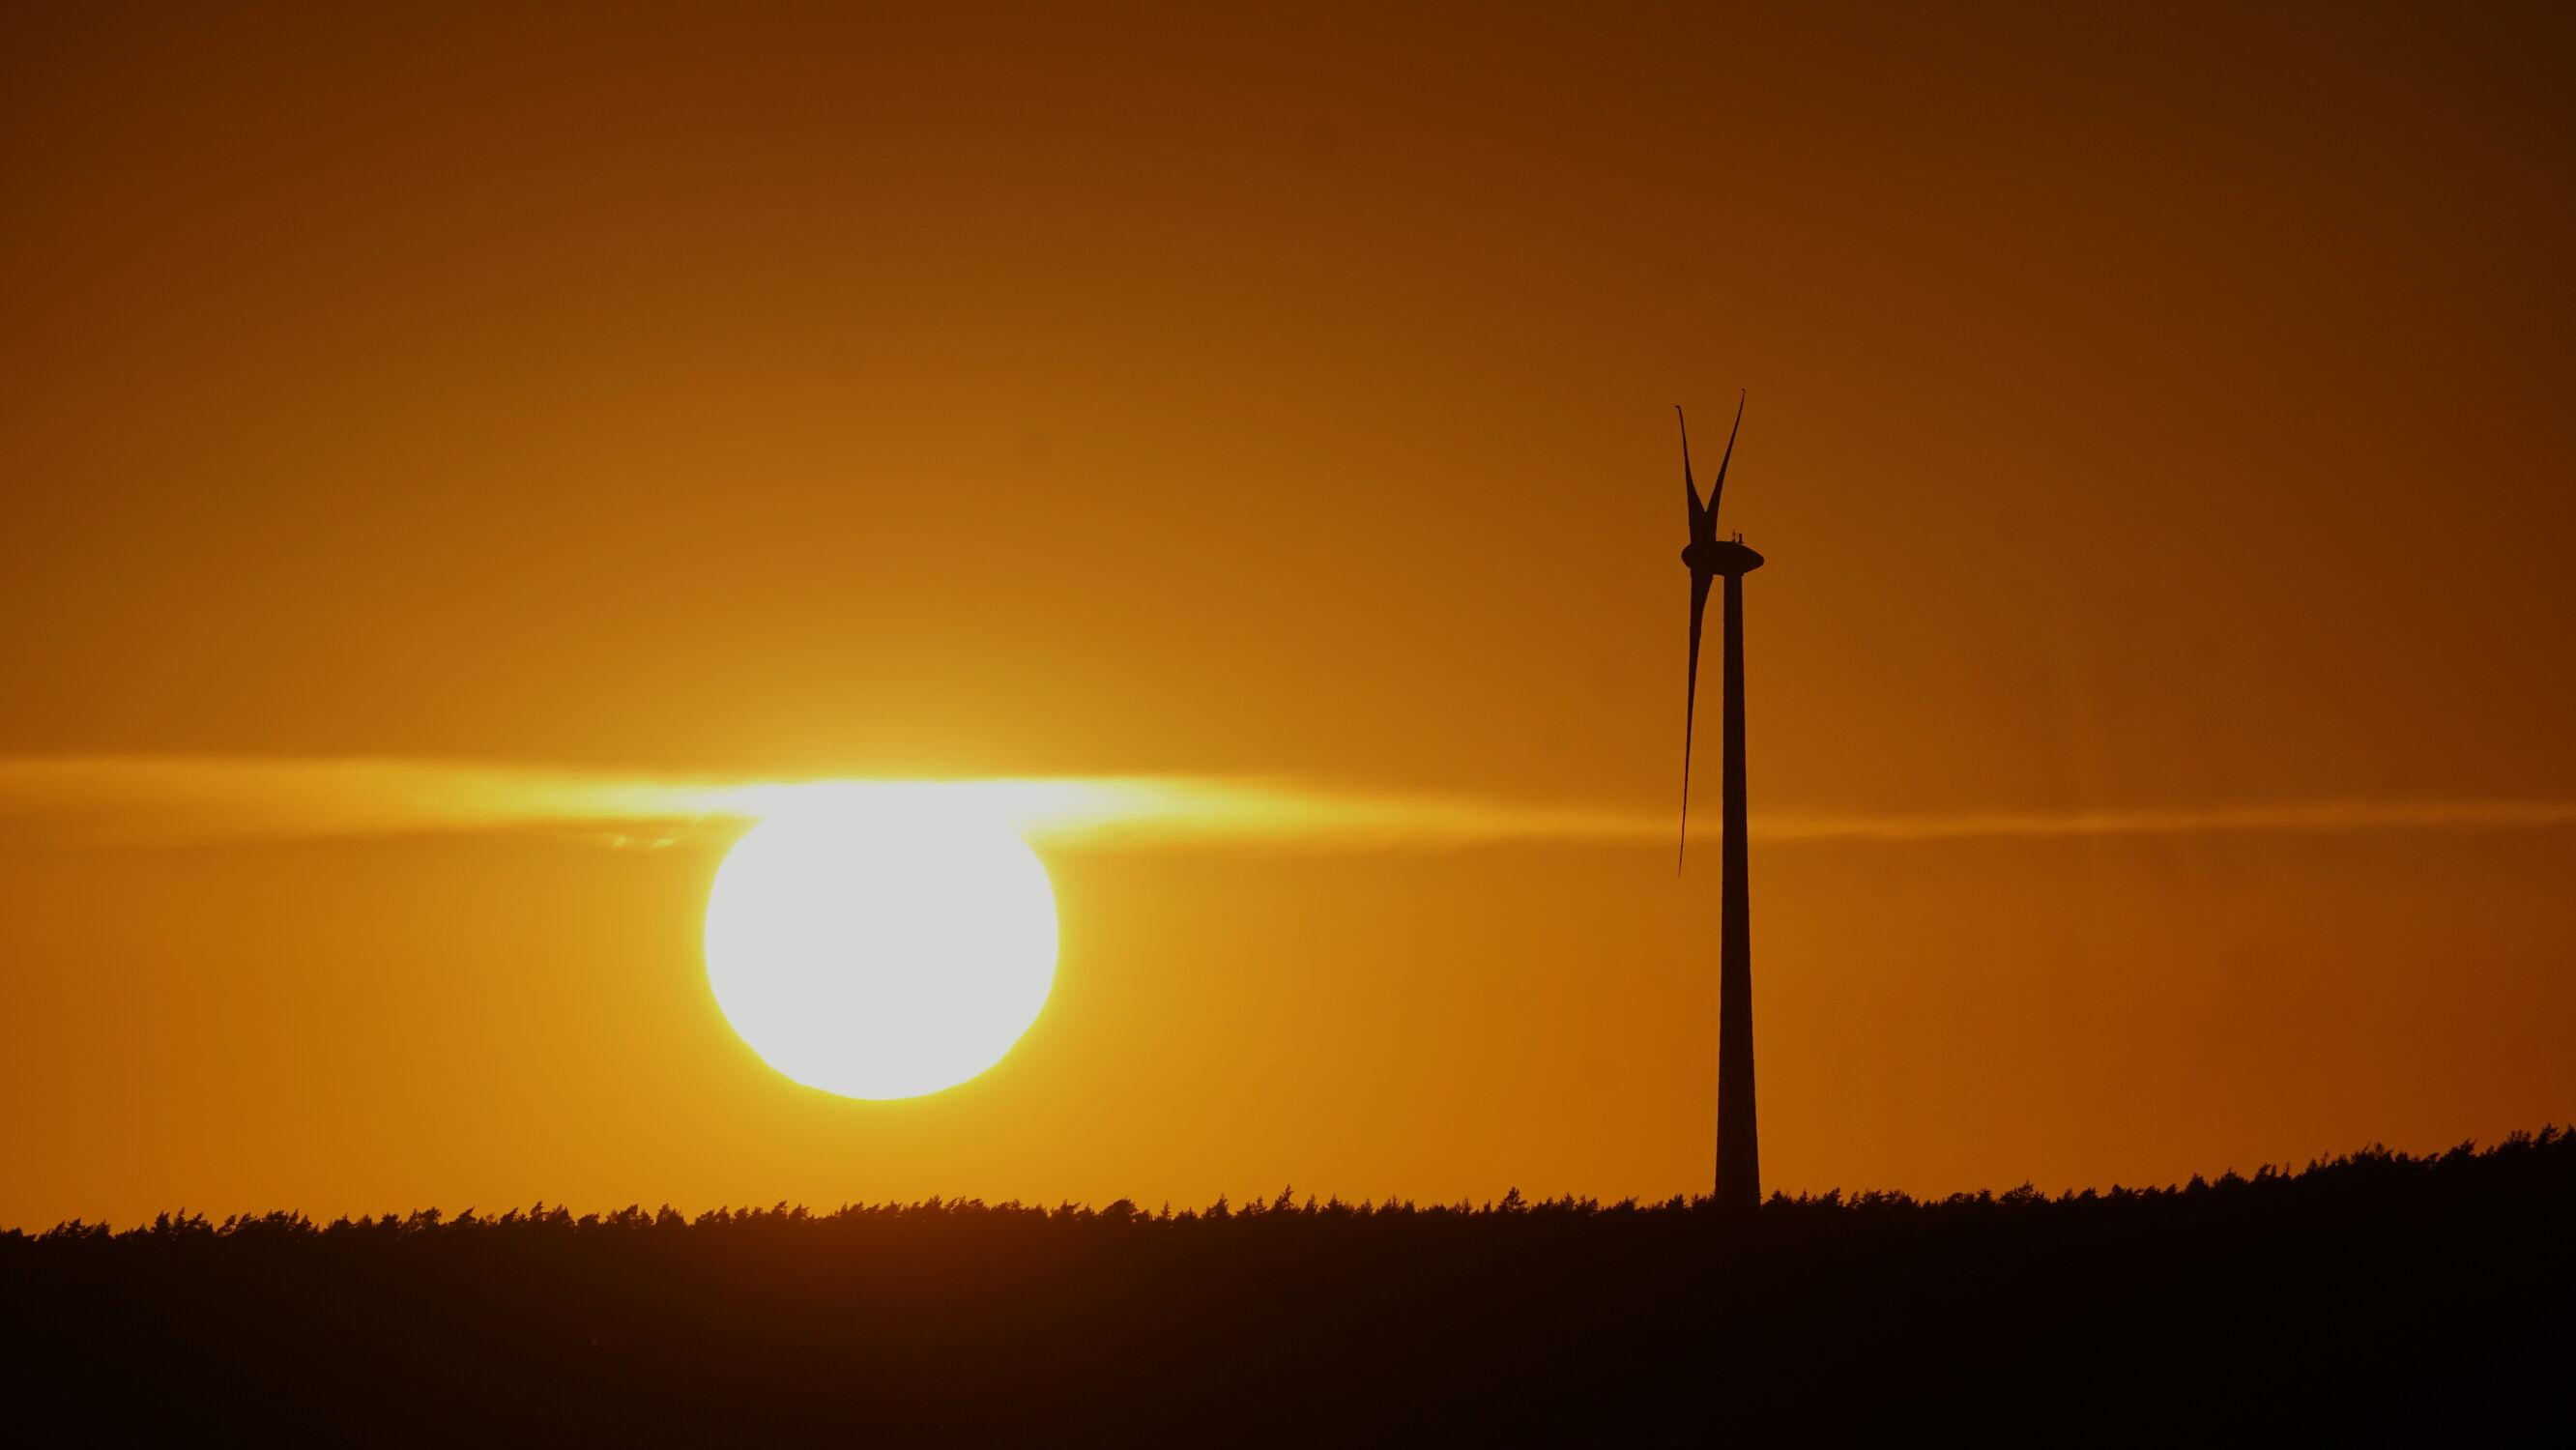 Bild mit Sonnenuntergang, Sonnen Himmel, Sonnenschein, Windräder, windrad